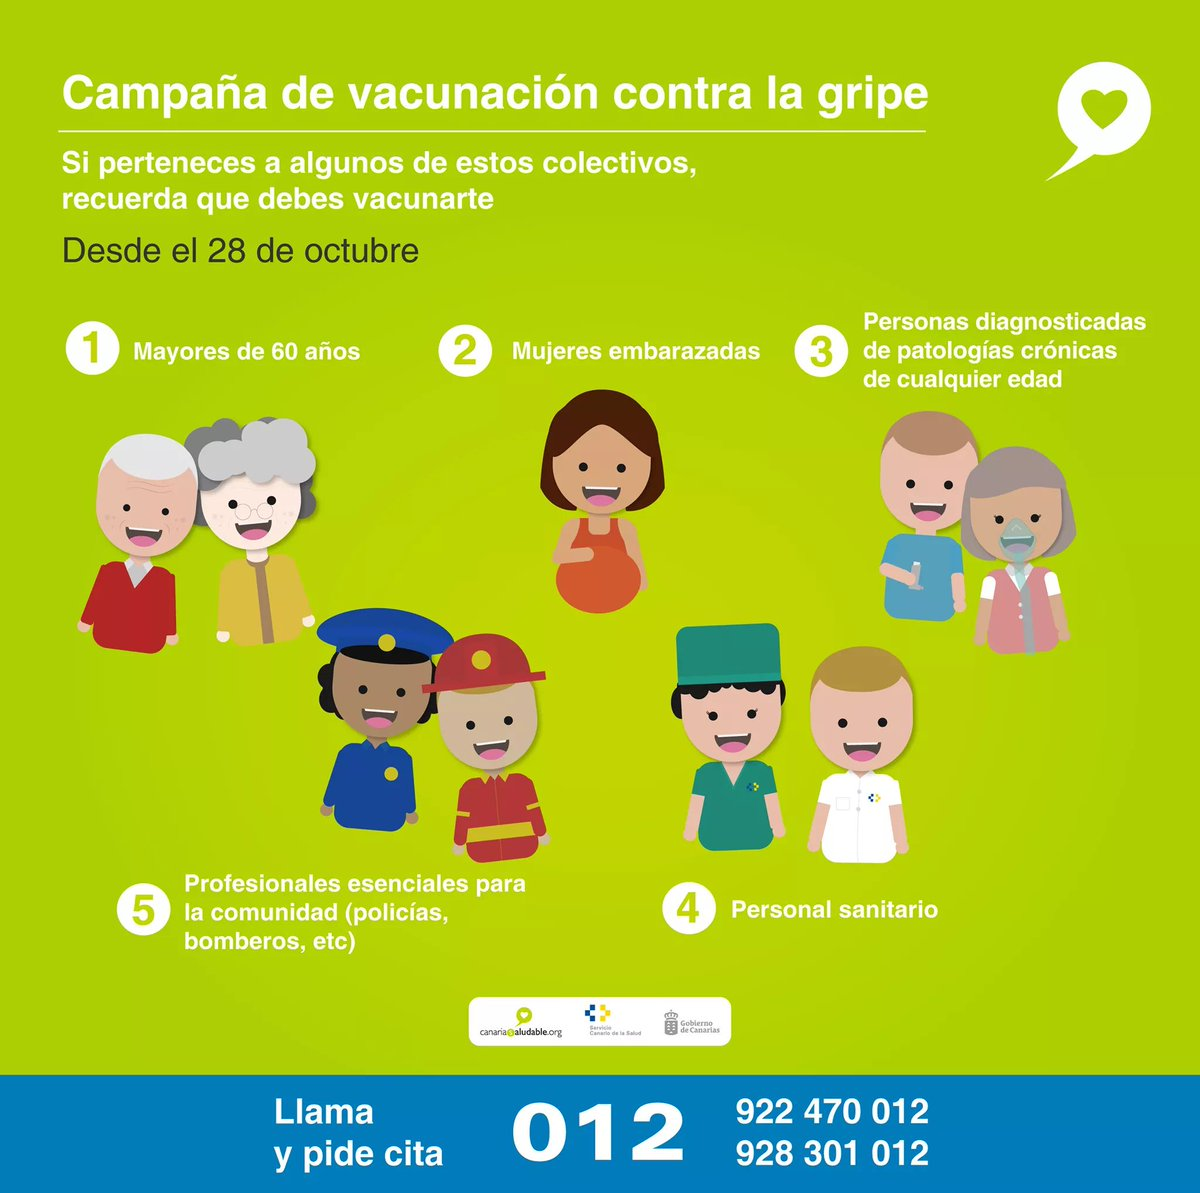 Empieza la Campaña de Vacunación  #Antigripal, pide hora en O12 con tu enfermera. ¡Protejete tu y proteje a los tuyos¡